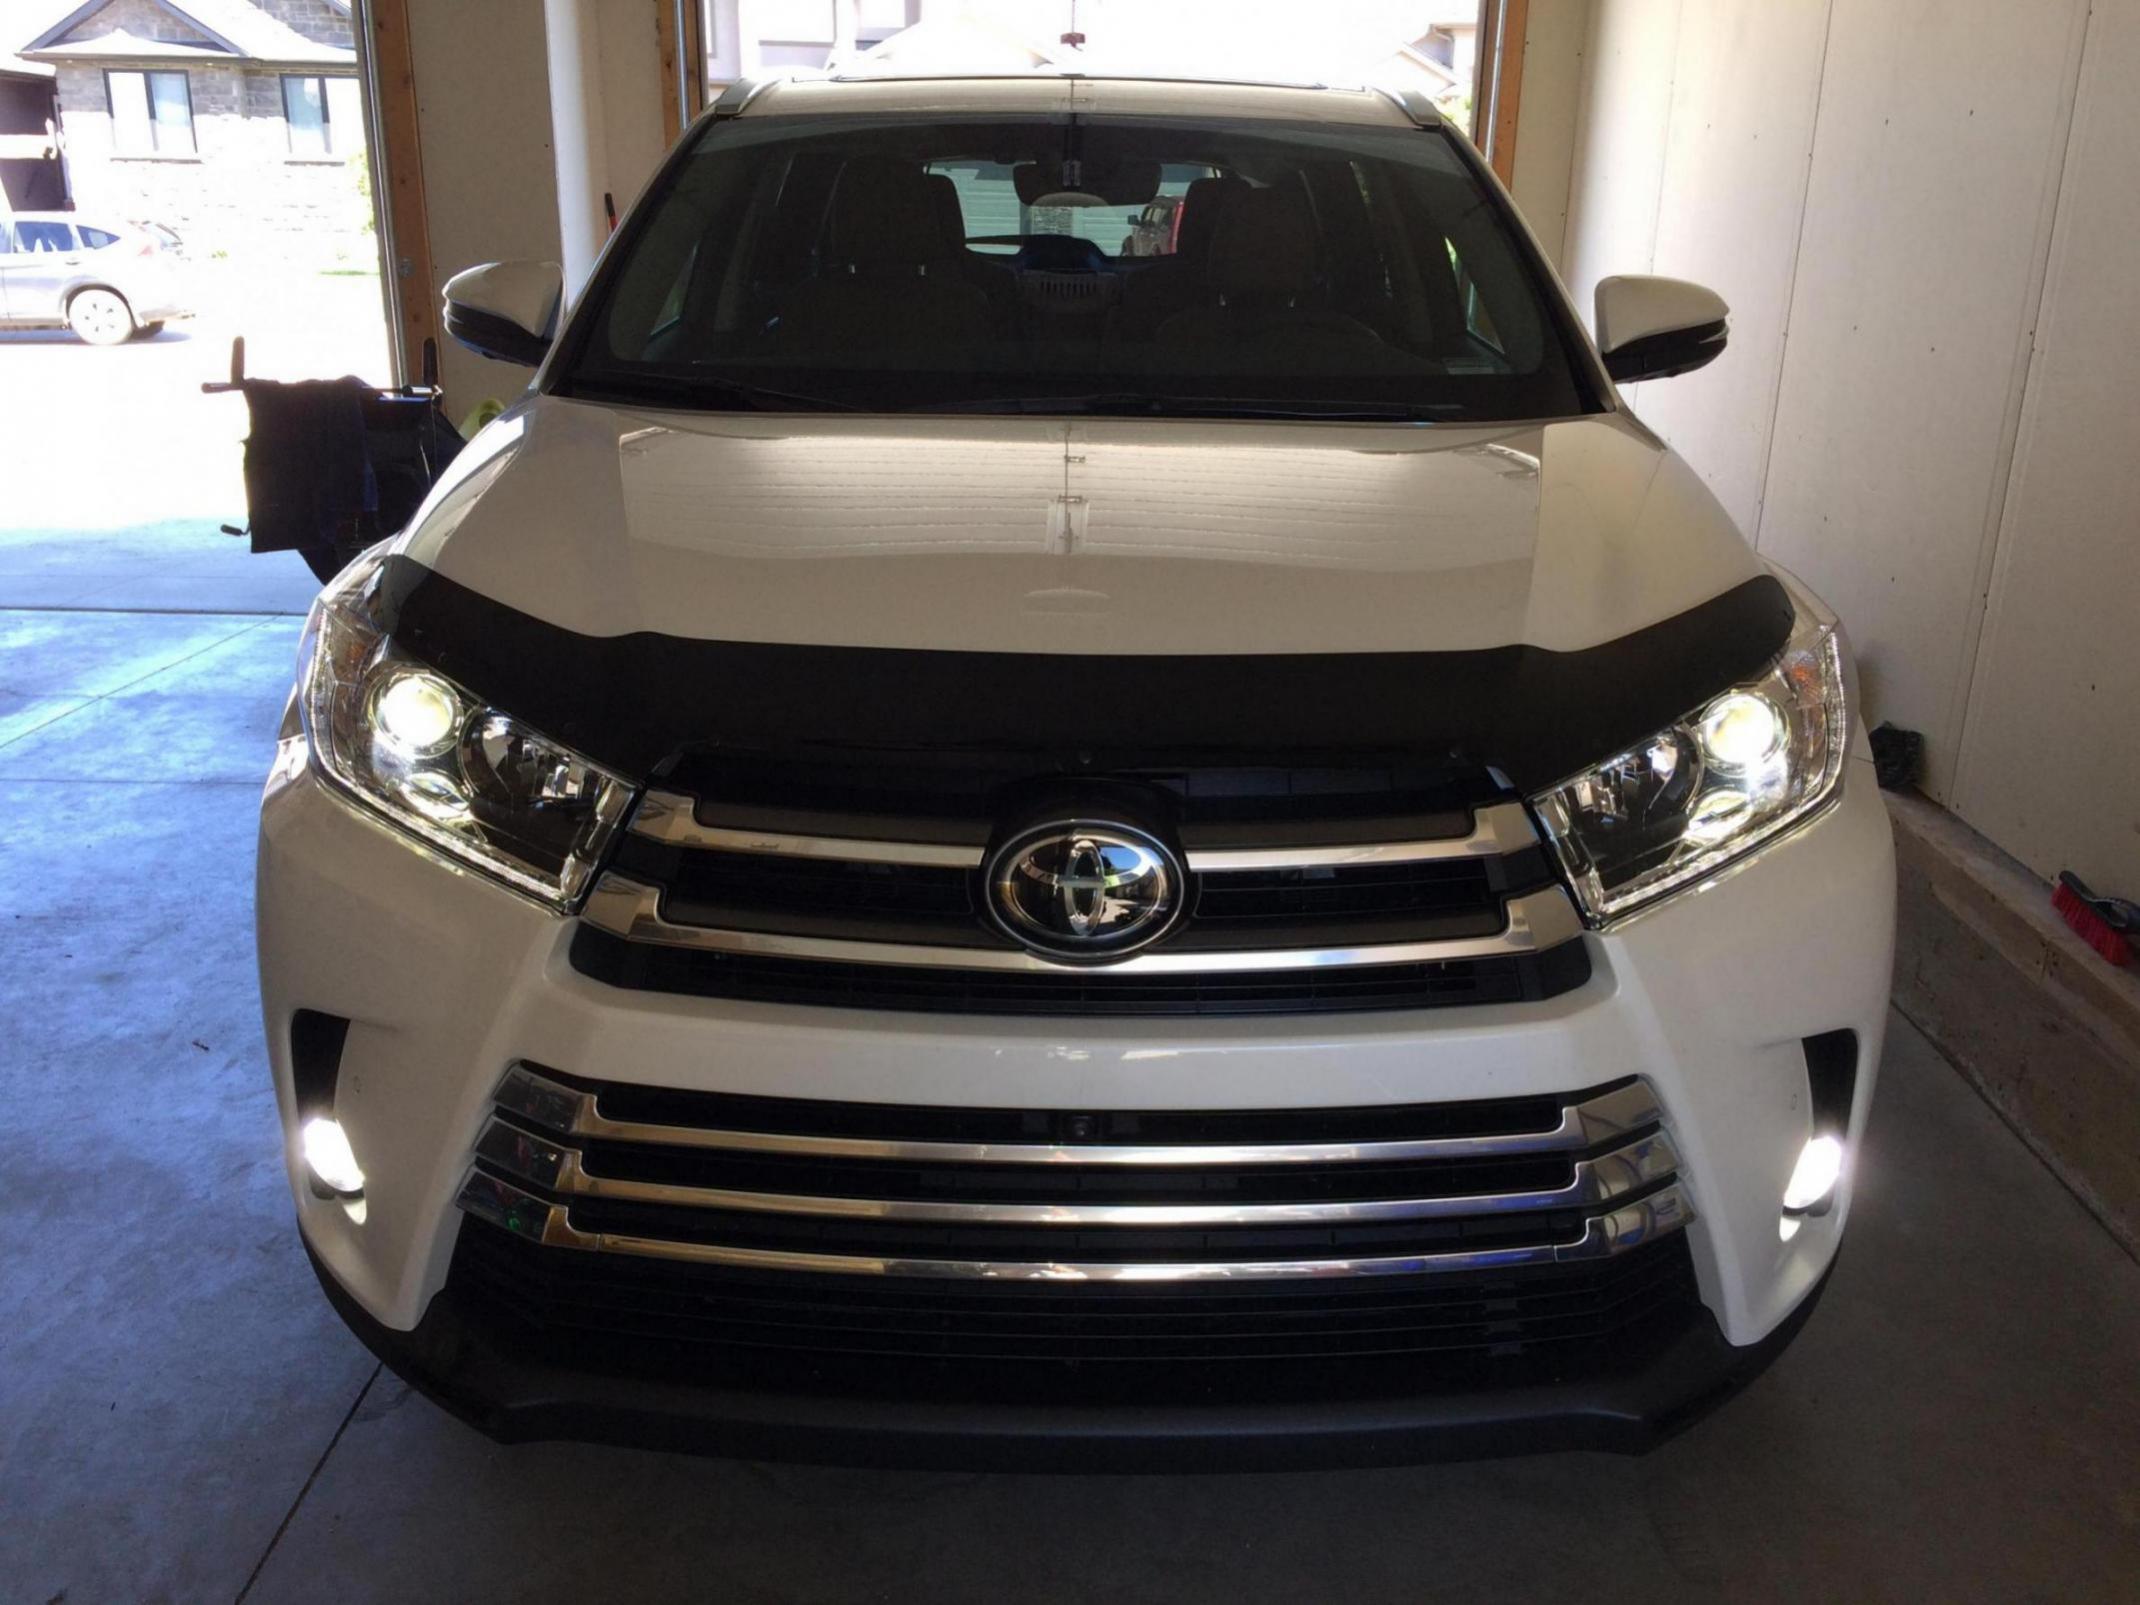 Auto Ventshade 20059 Carflector Dark Smoke Hood Shield for 2014-2018 Toyota Highlander